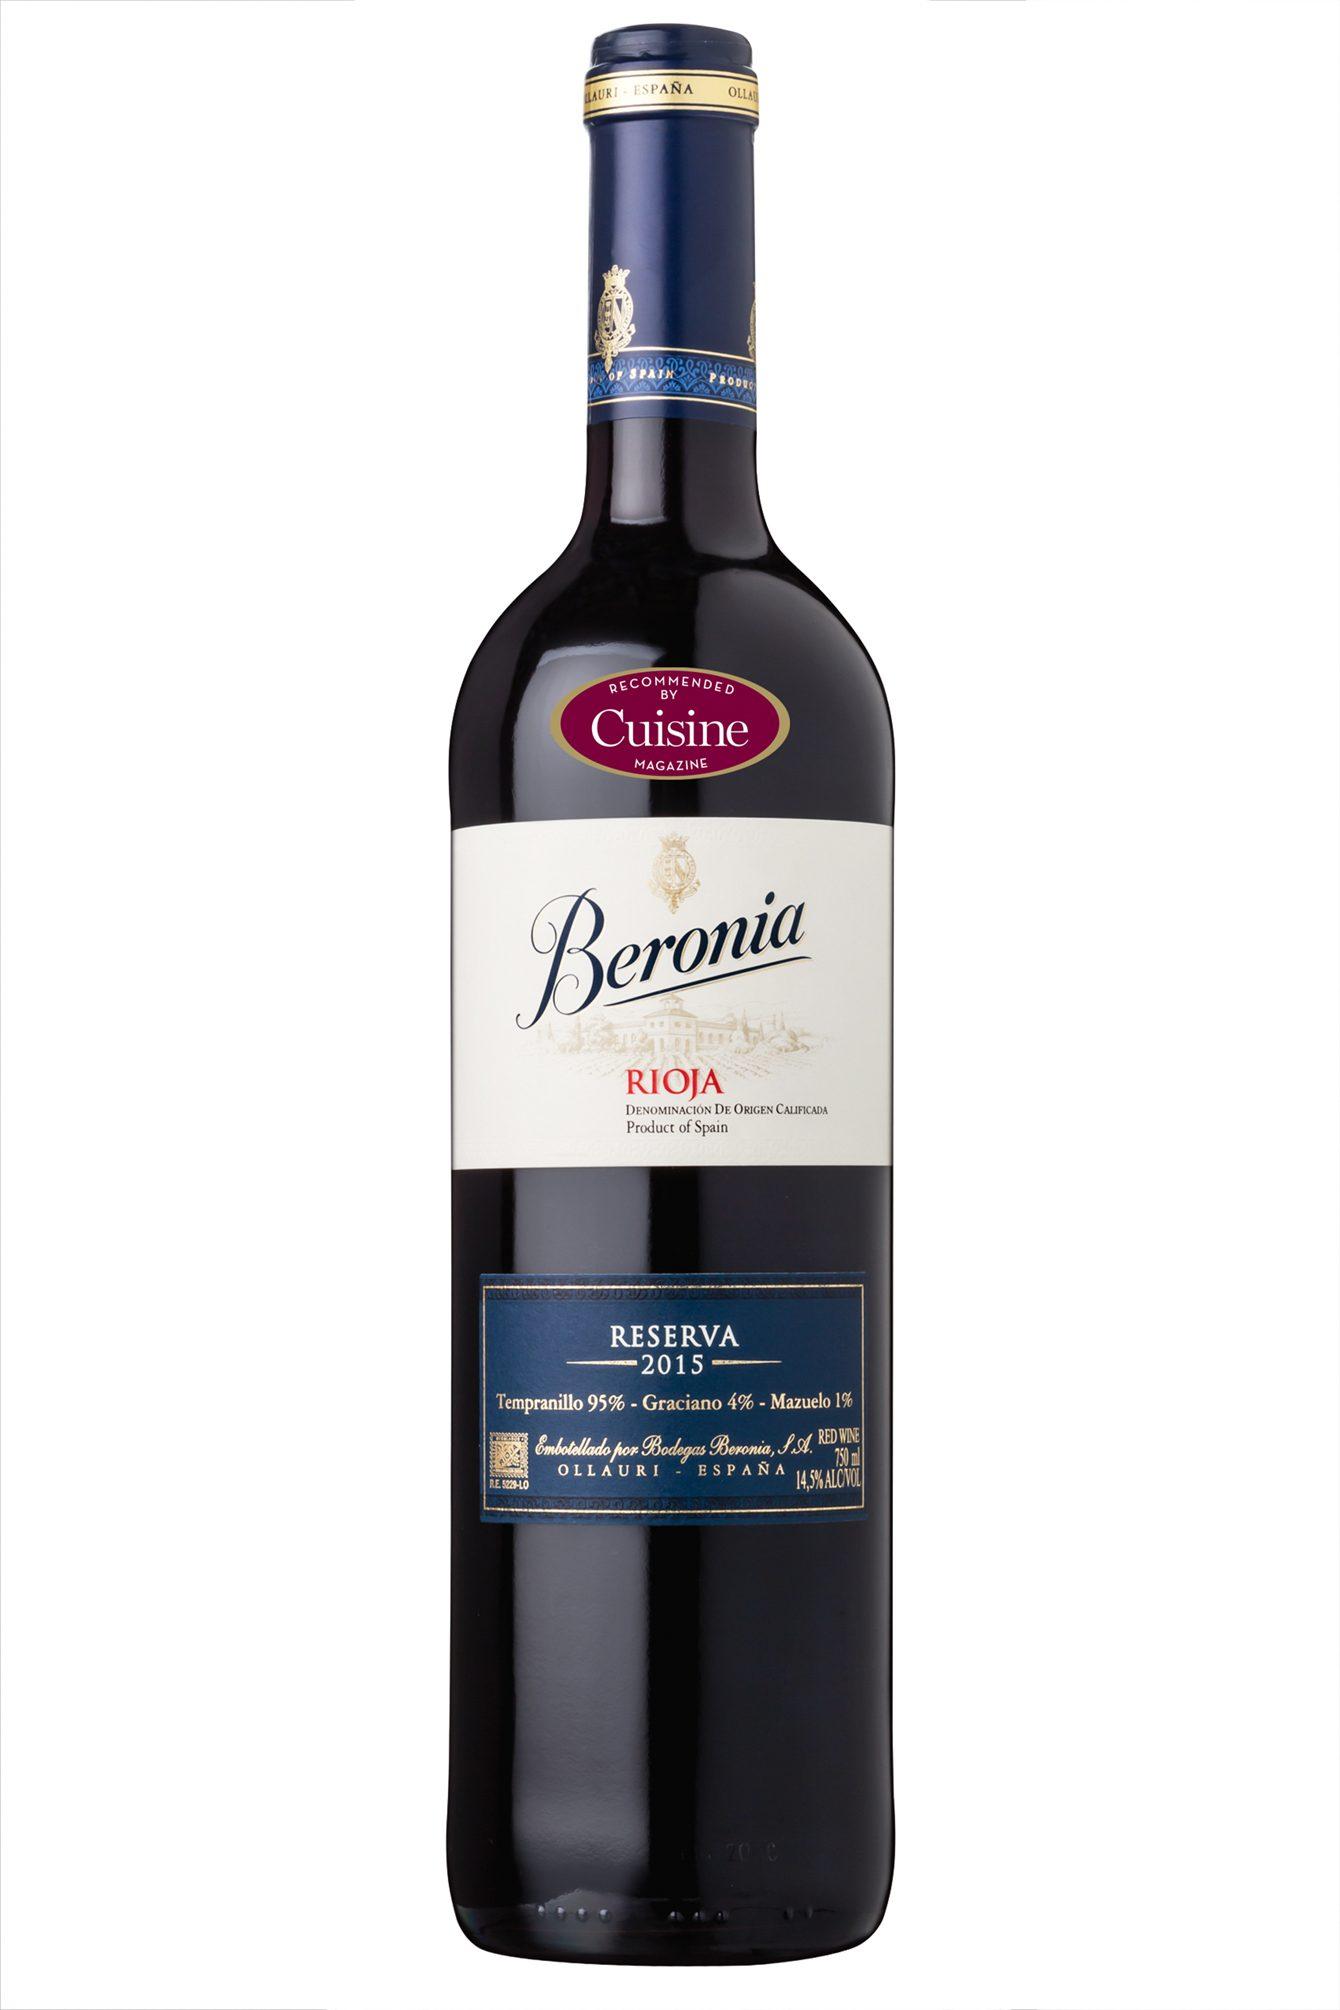 Beronia Rioja Reserva 2015 (Rioja, Spain)